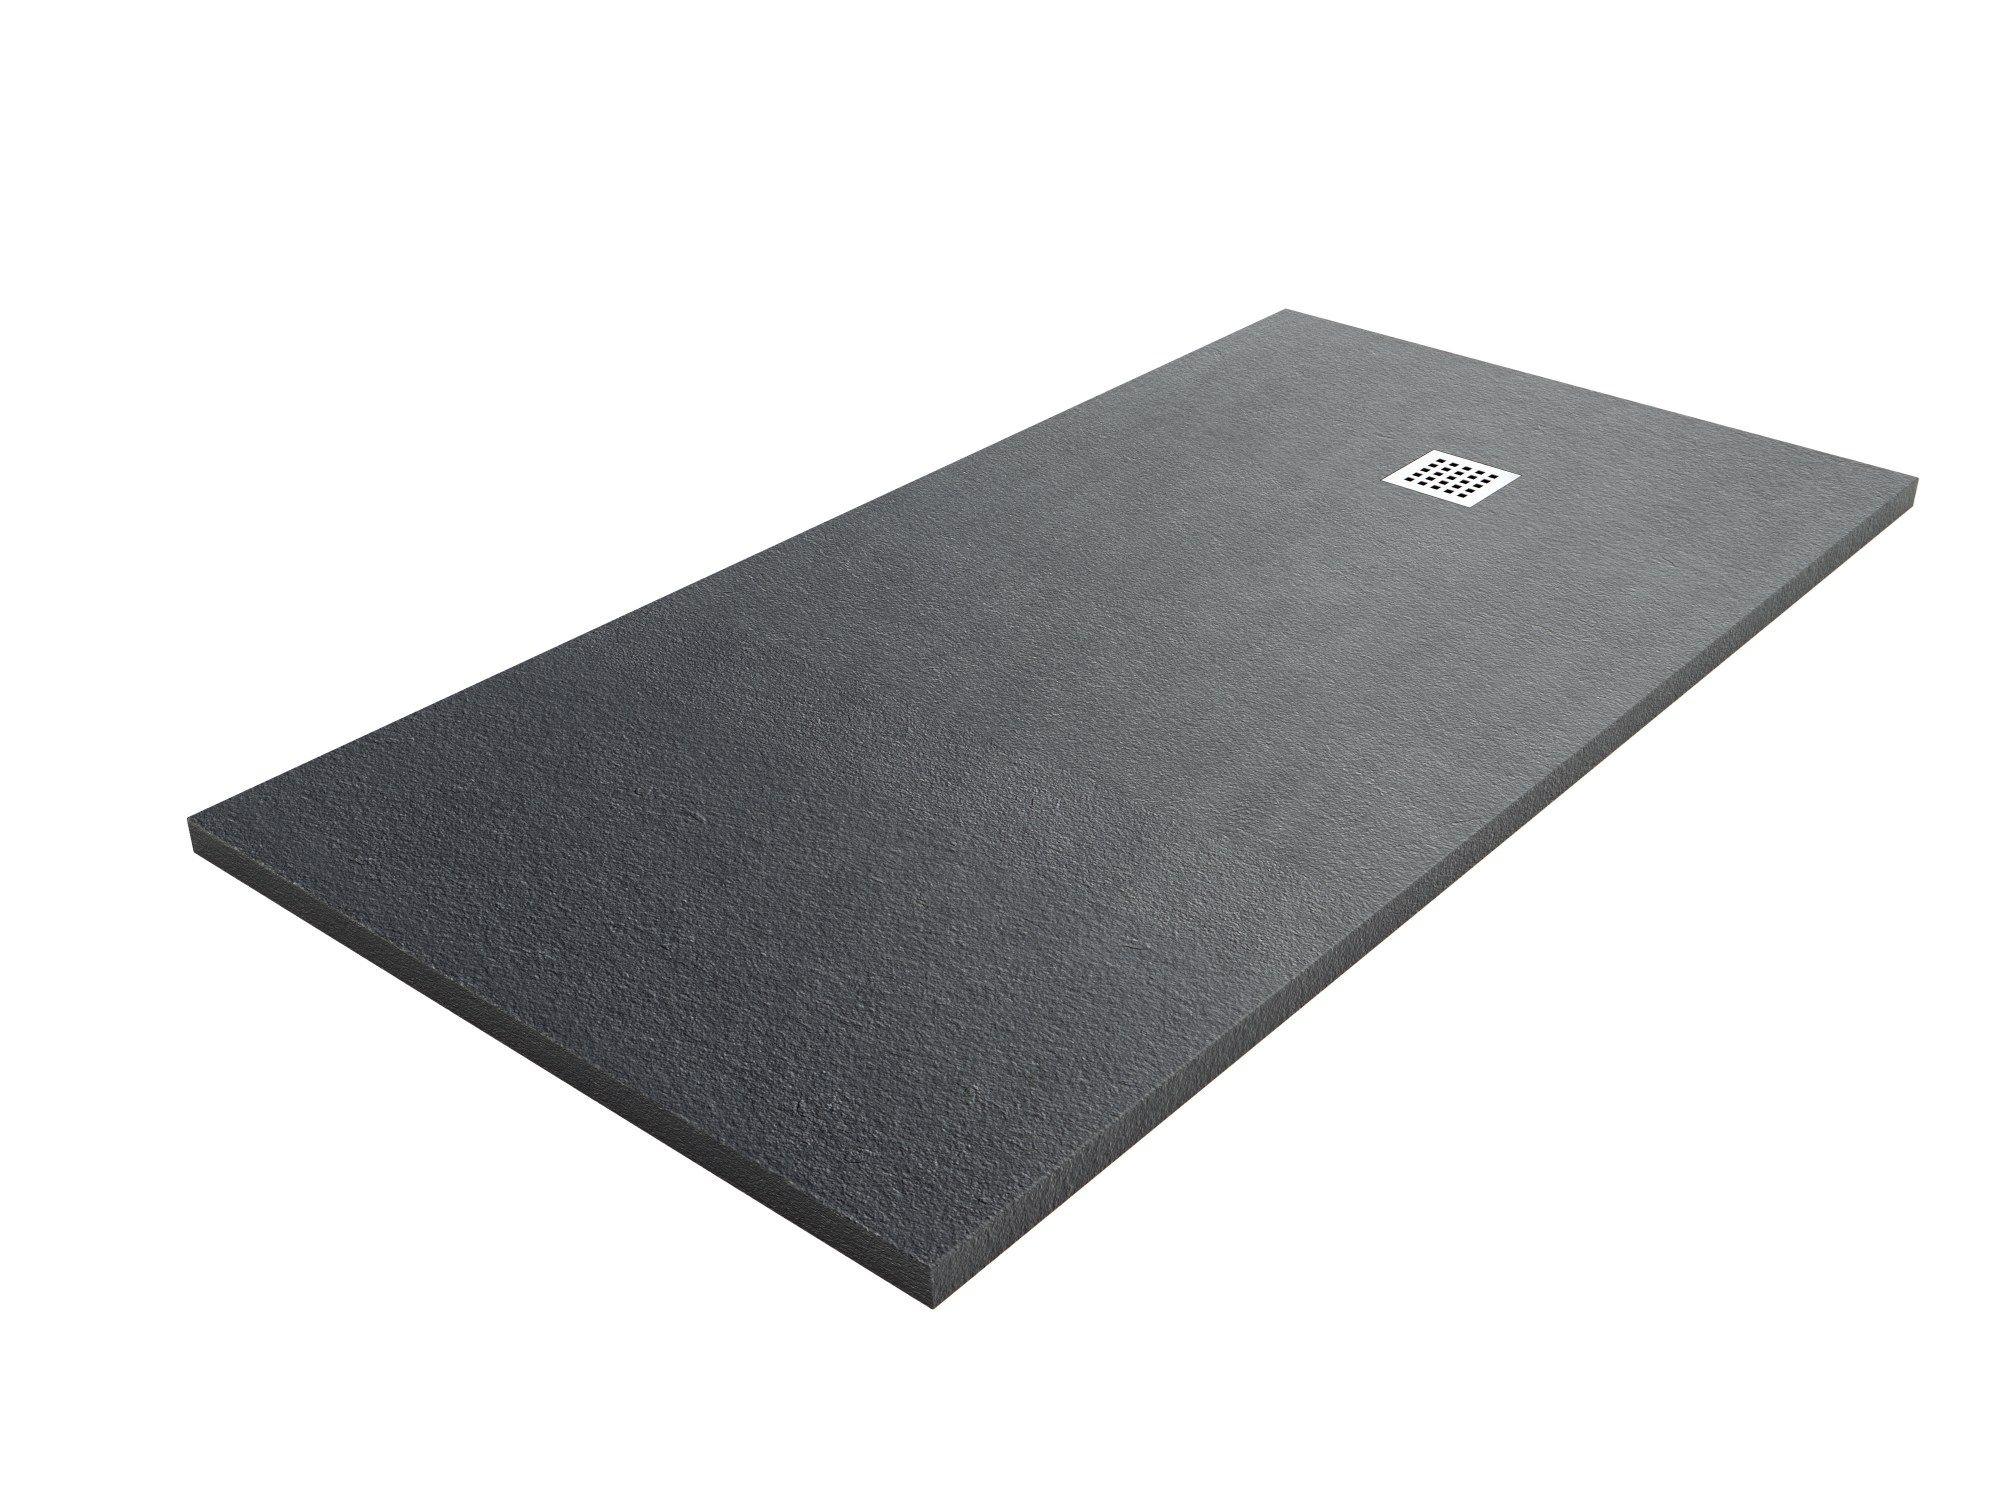 Piatto doccia antiscivolo filo pavimento in Silexpol® su misura SILEX EXTRAPIANO By Fiora